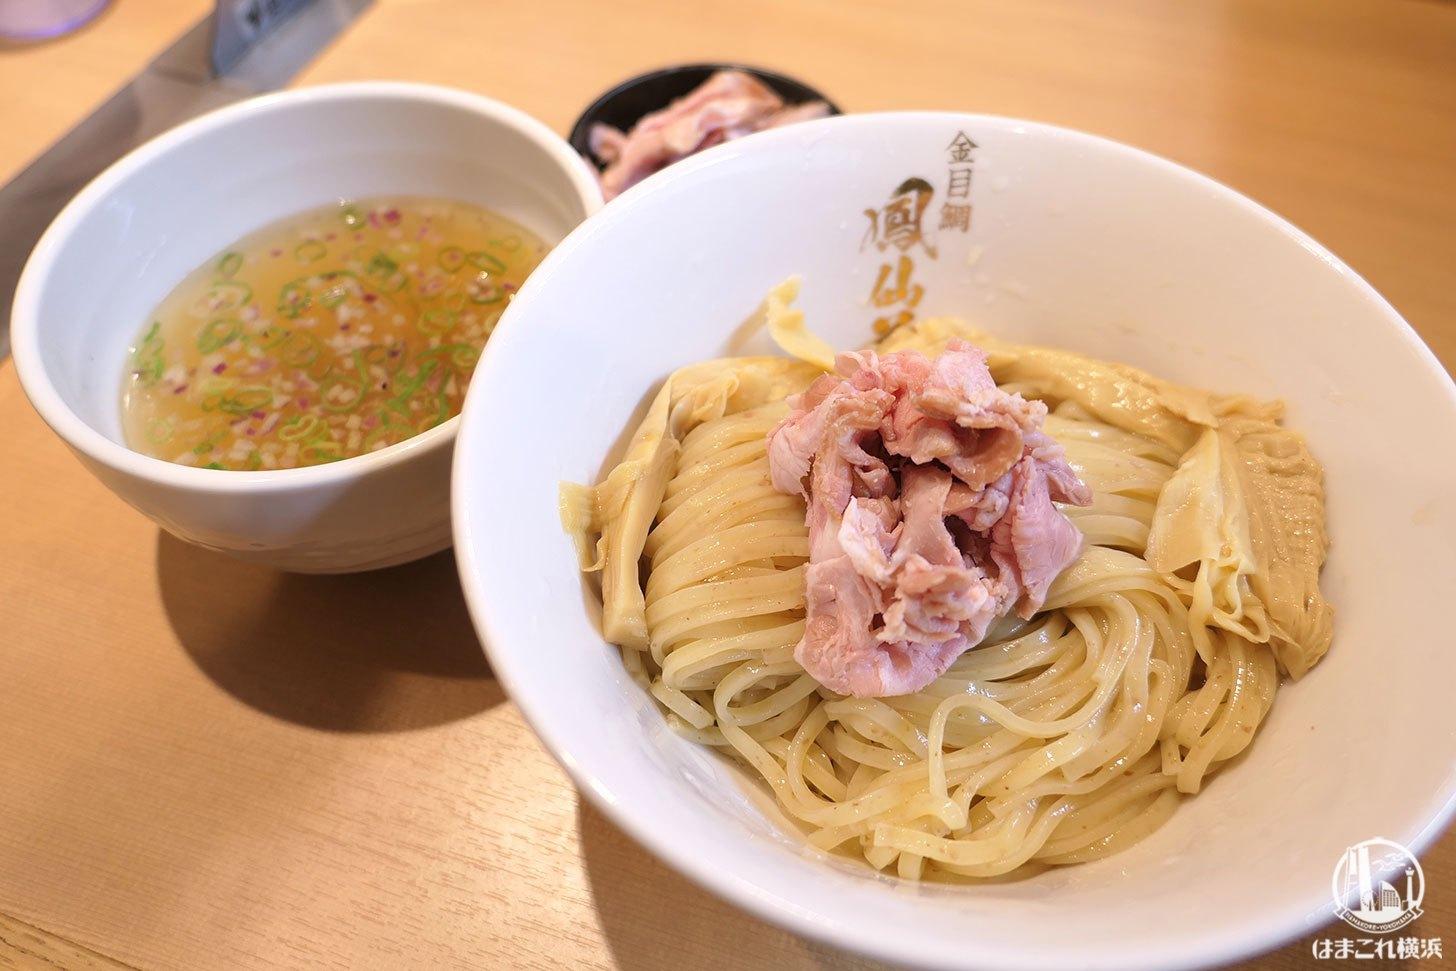 横浜駅「鳳仙花(ほうせんか)」金目鯛つけ麺に初トライ!アラ使った淡麗系のつけ汁